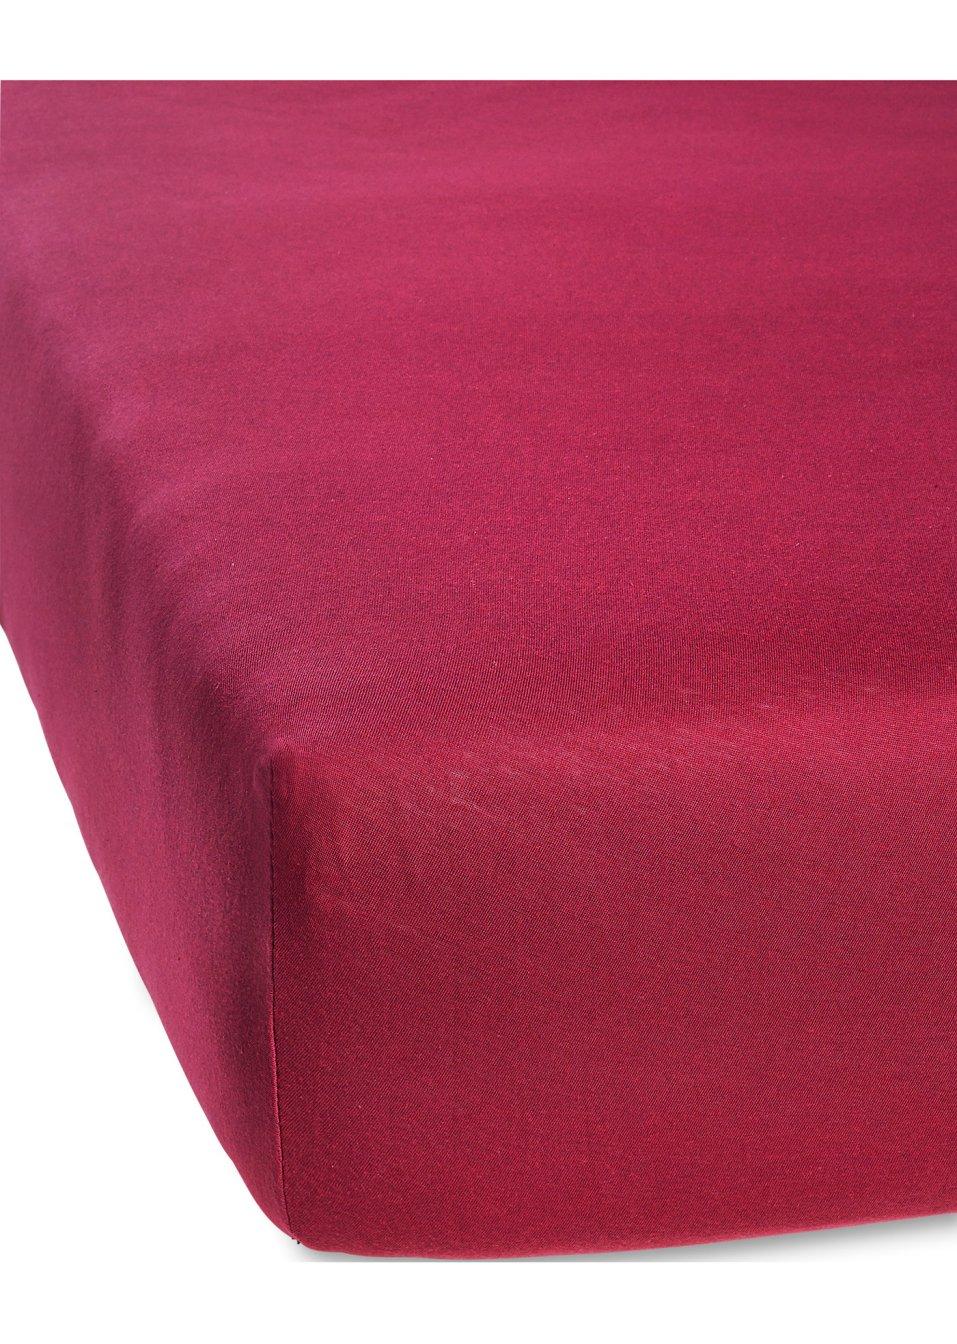 drap housse modal rouge maison bpc living bonprix. Black Bedroom Furniture Sets. Home Design Ideas